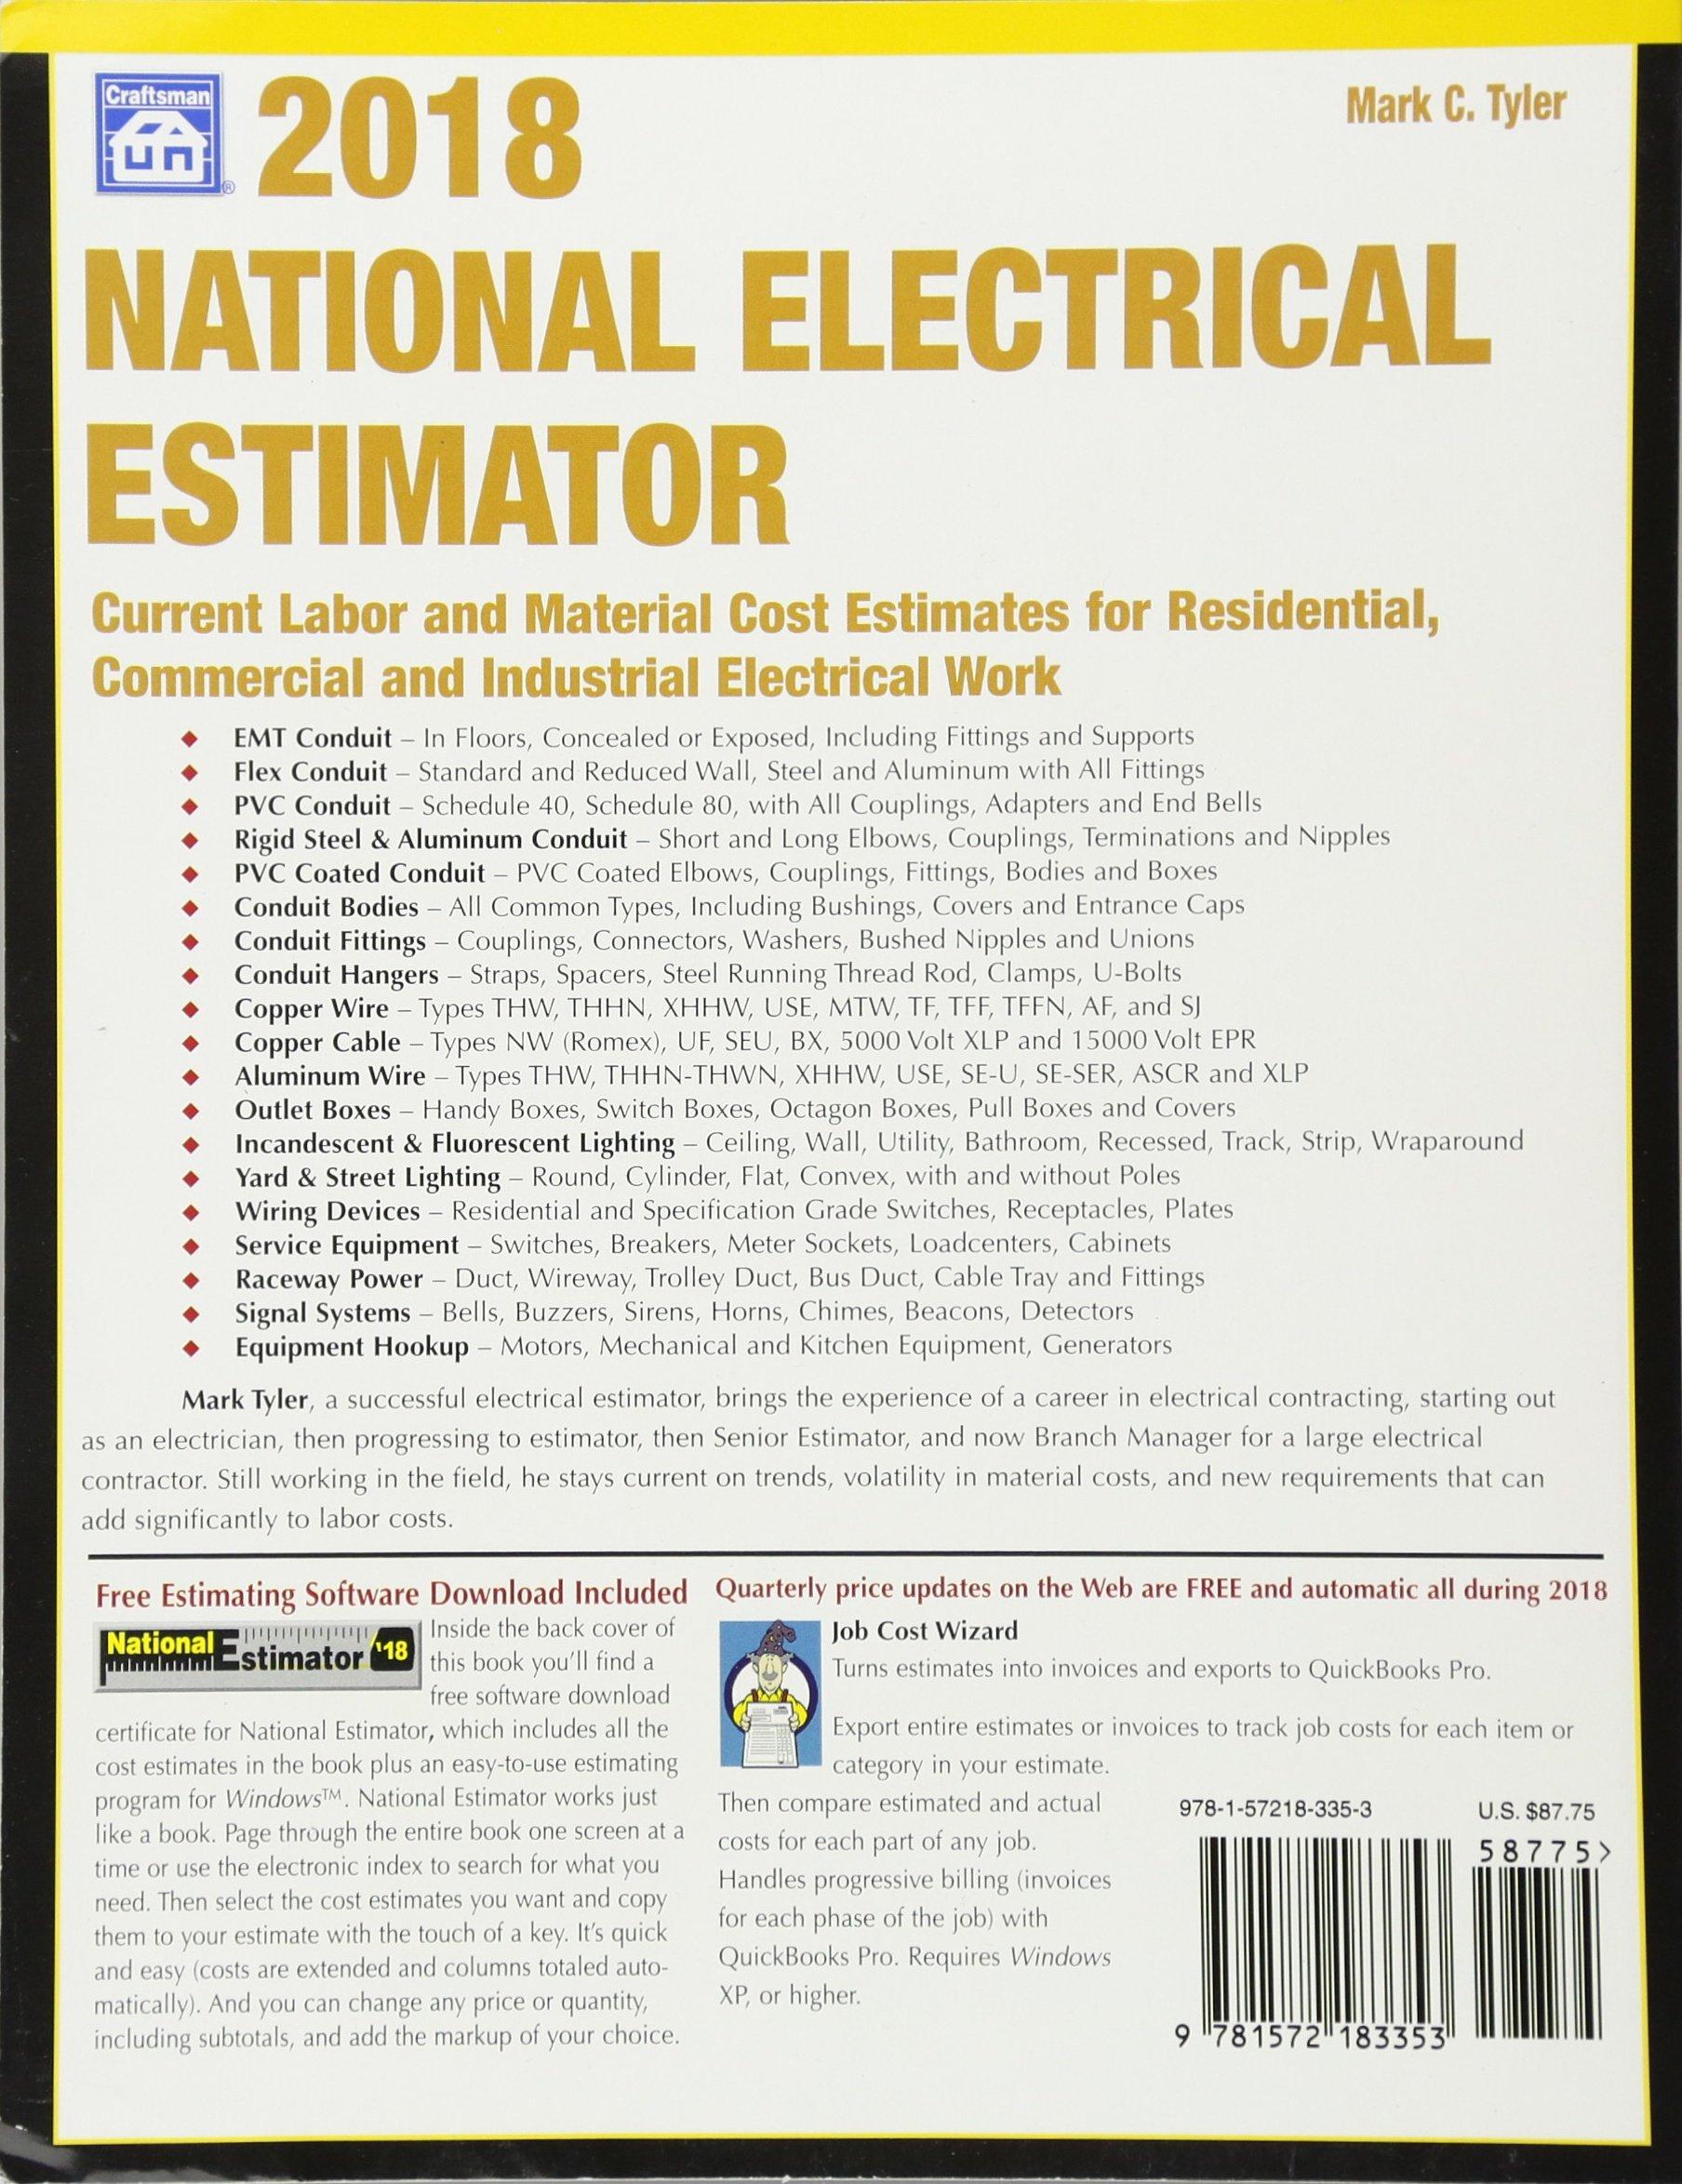 National Electrical Estimator 2018: Mark C. Tyler: 9781572183353 ...